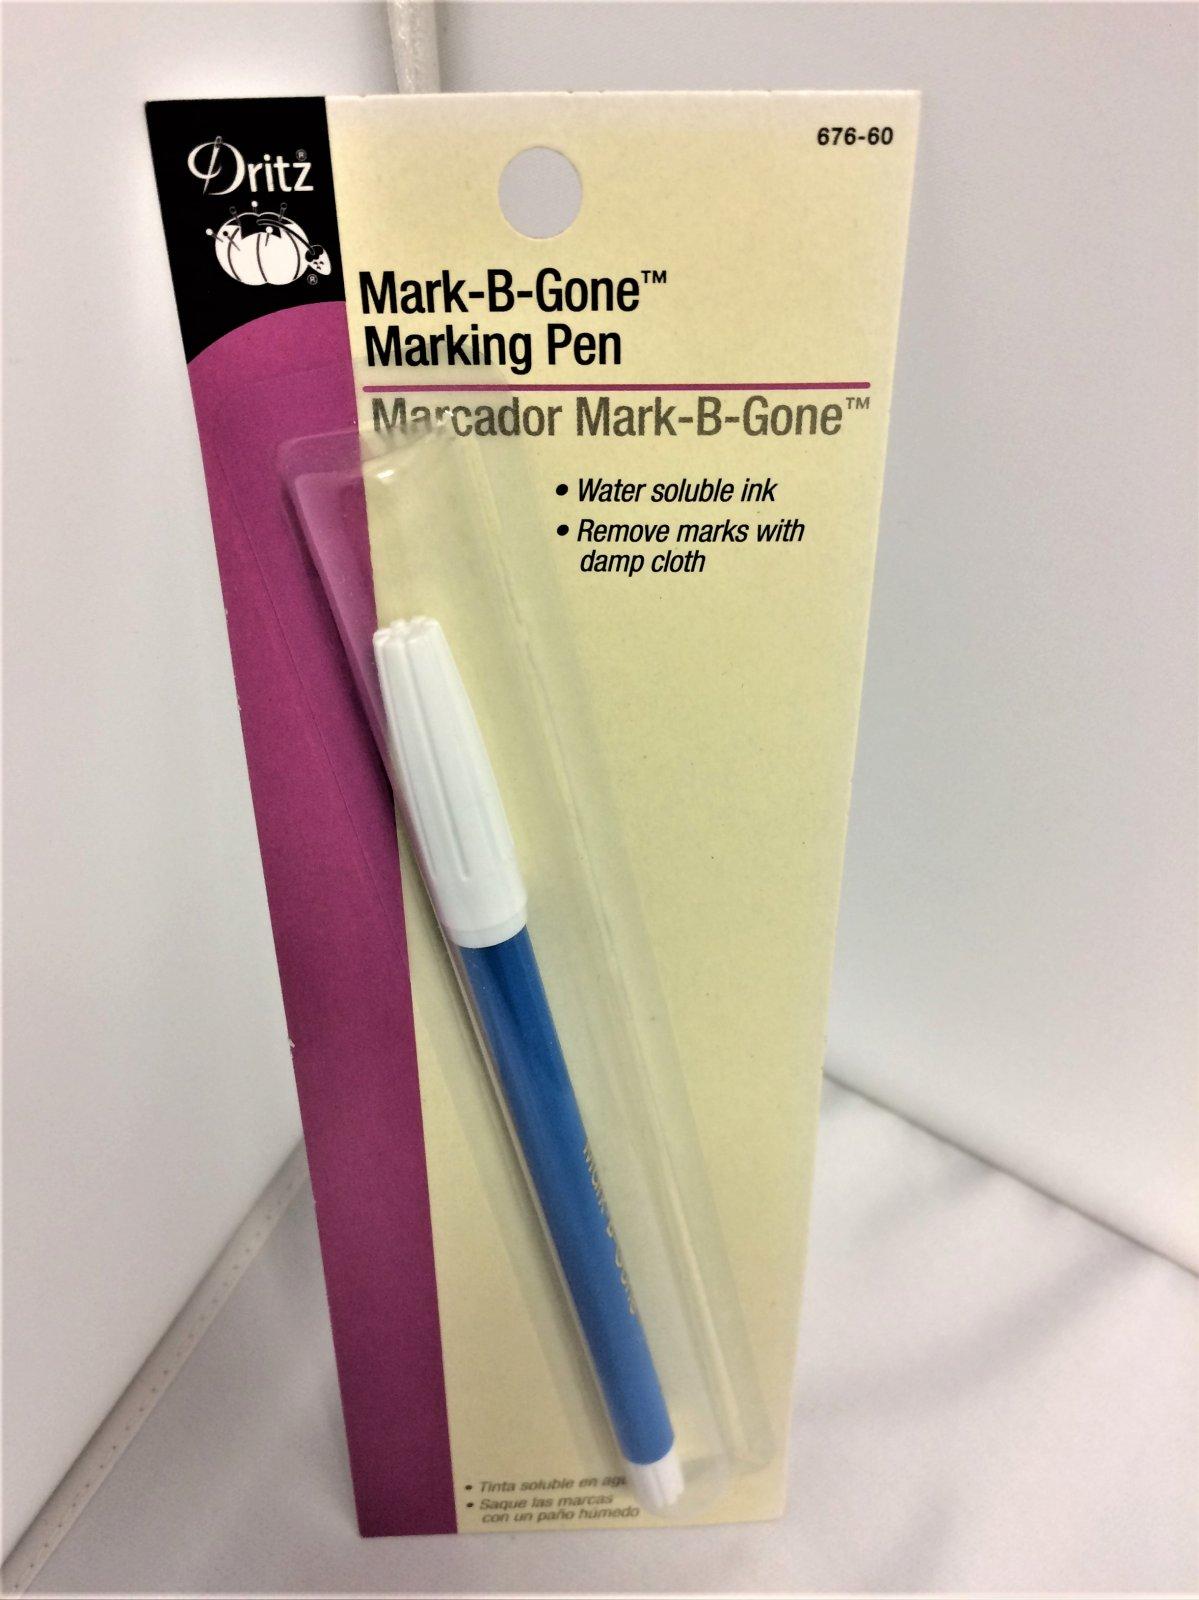 Mark B Gone Marking Pen - White Ink